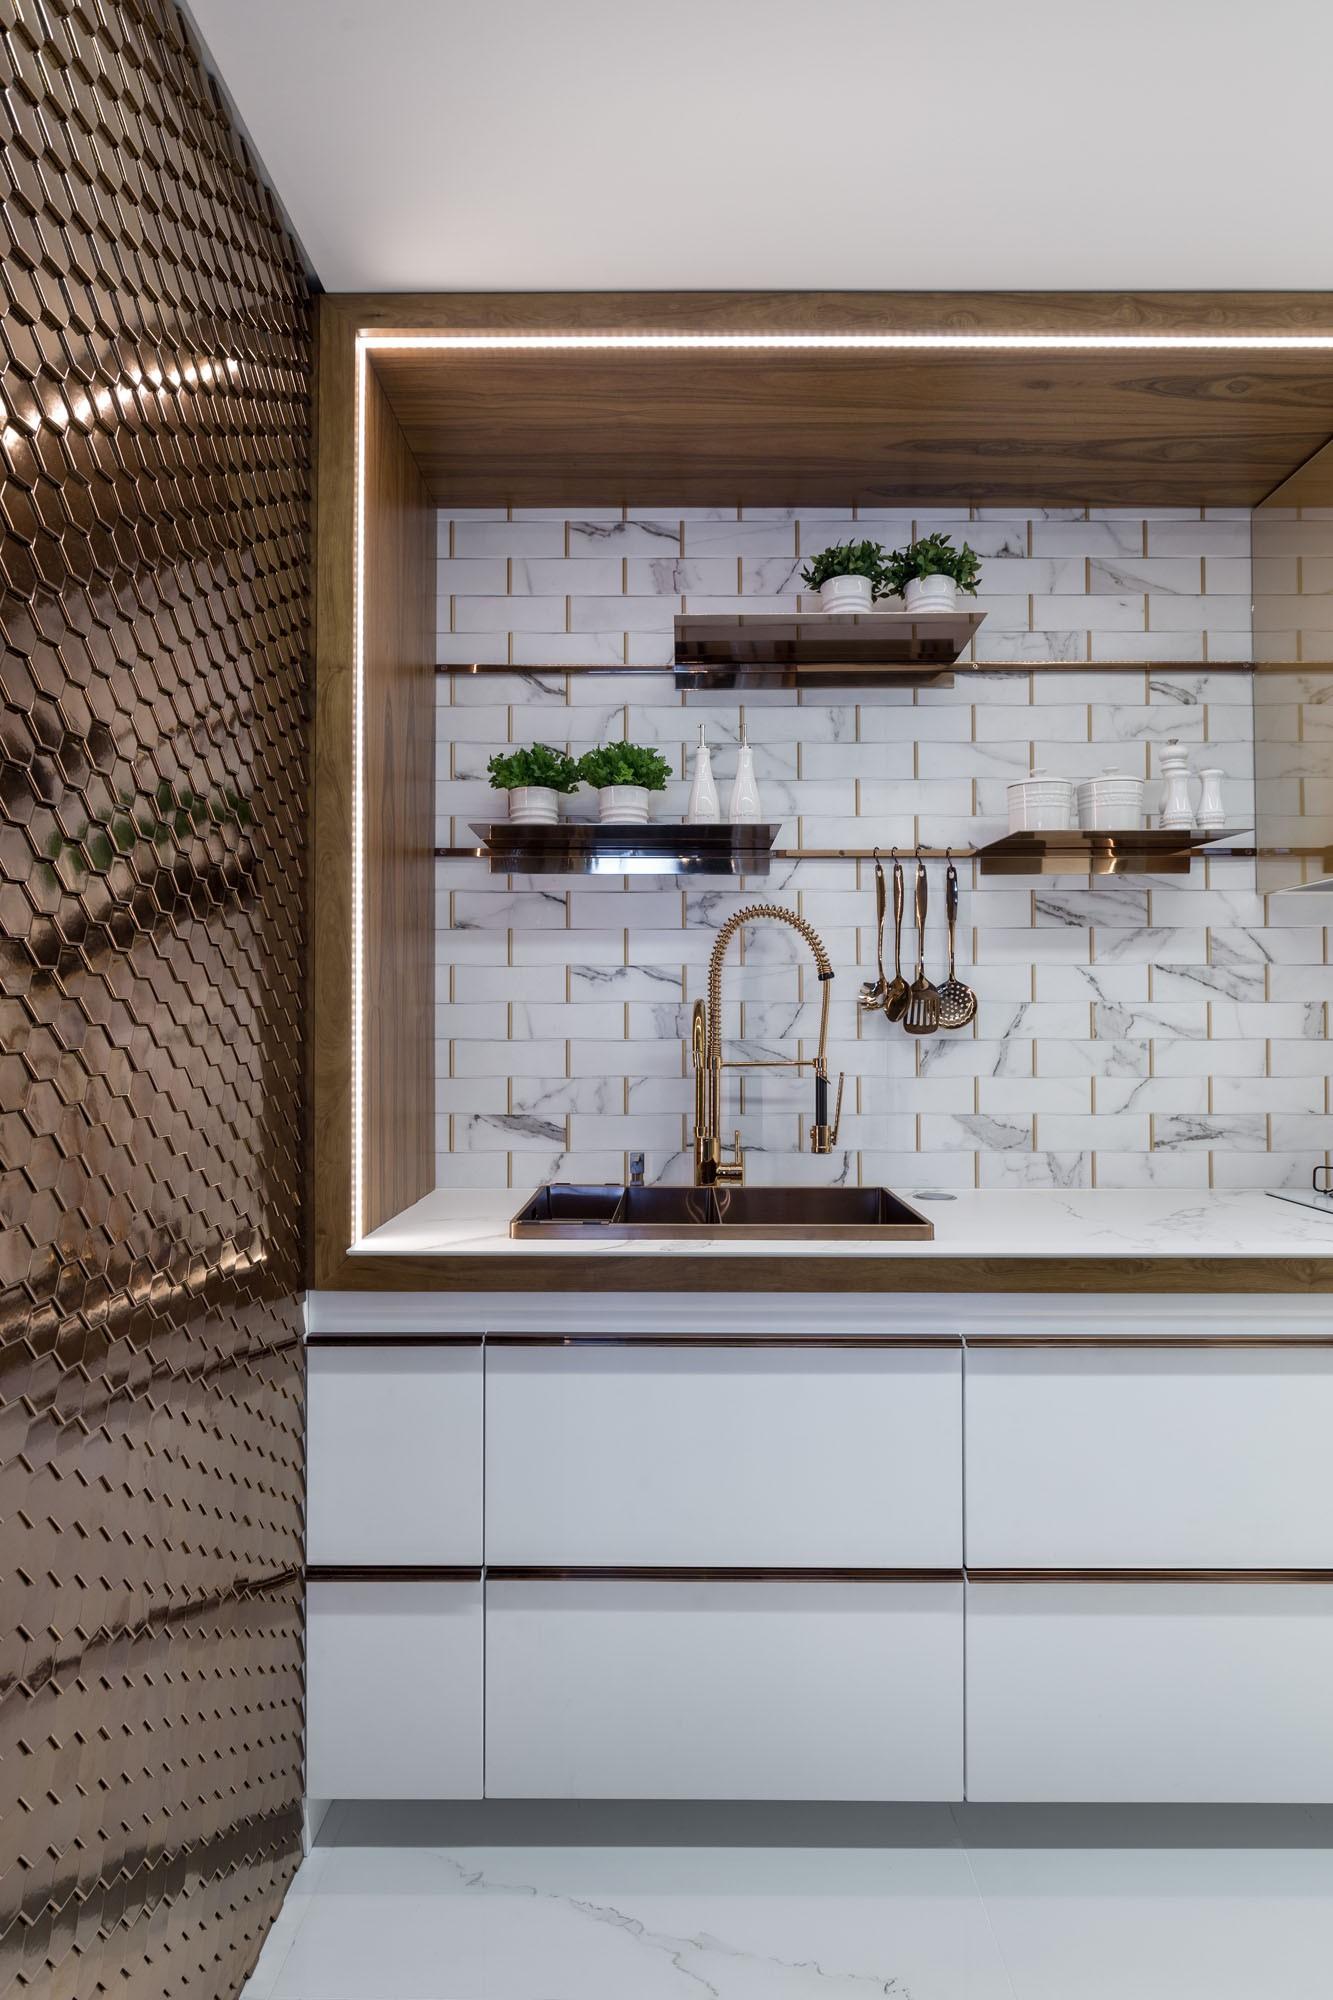 Cozinha com torneira dourada, pia branca, acessórios e parede de drywall.